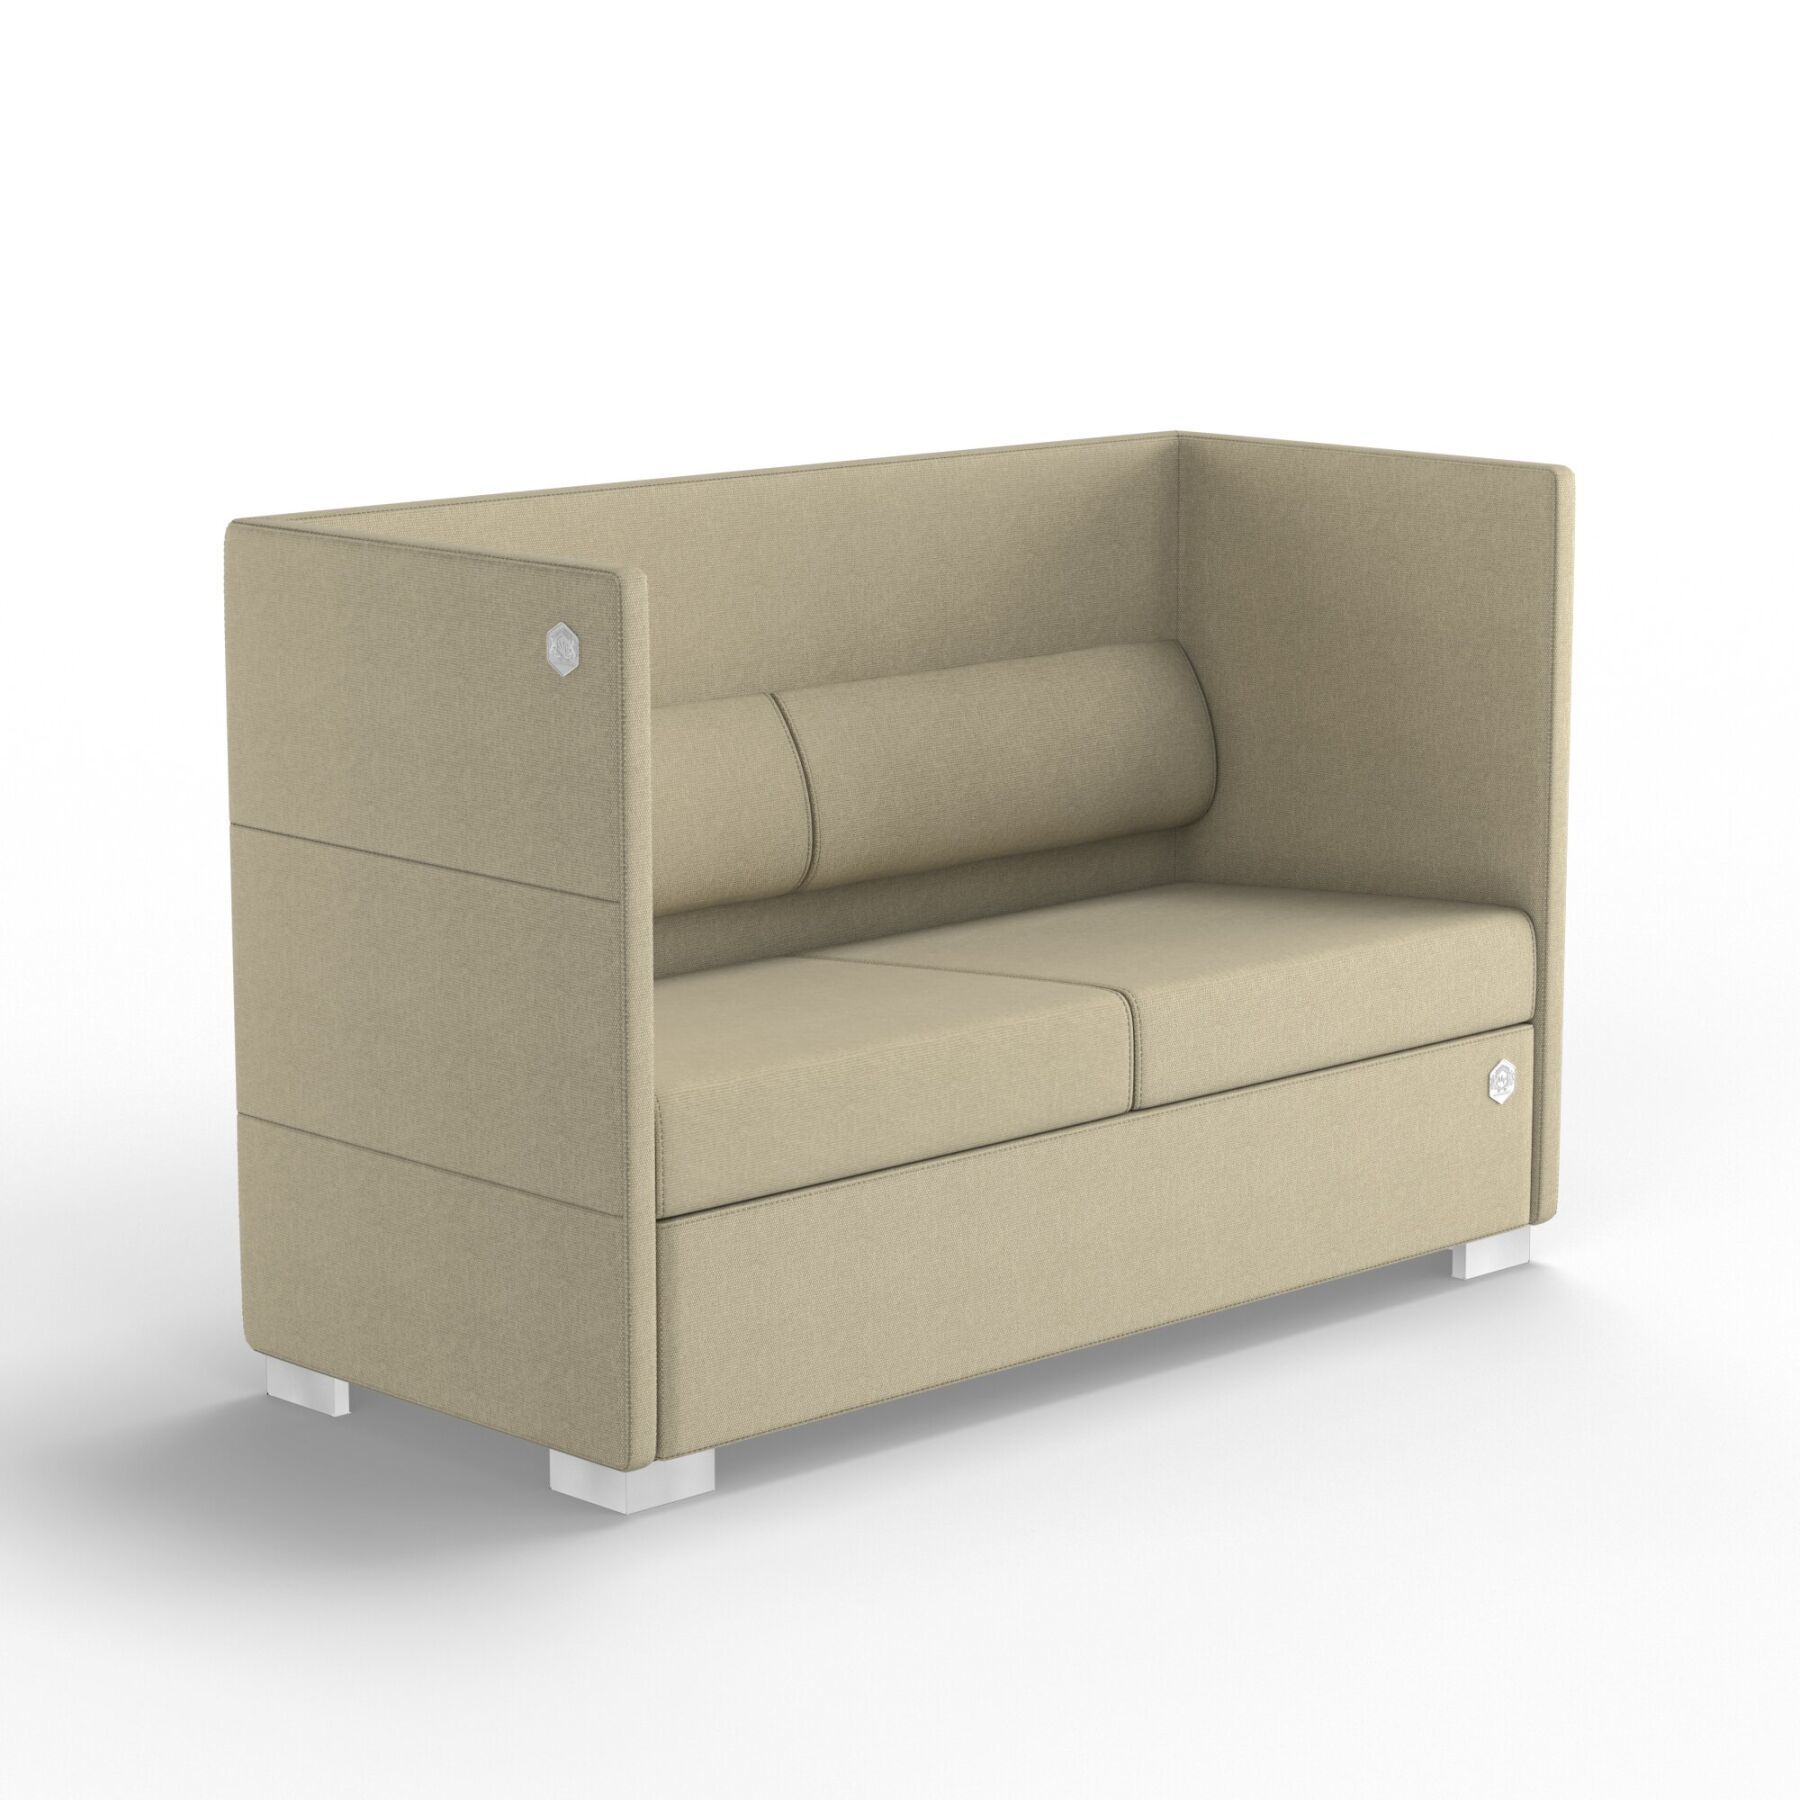 Двухместный диван KULIK SYSTEM CONFERENCE Ткань 2